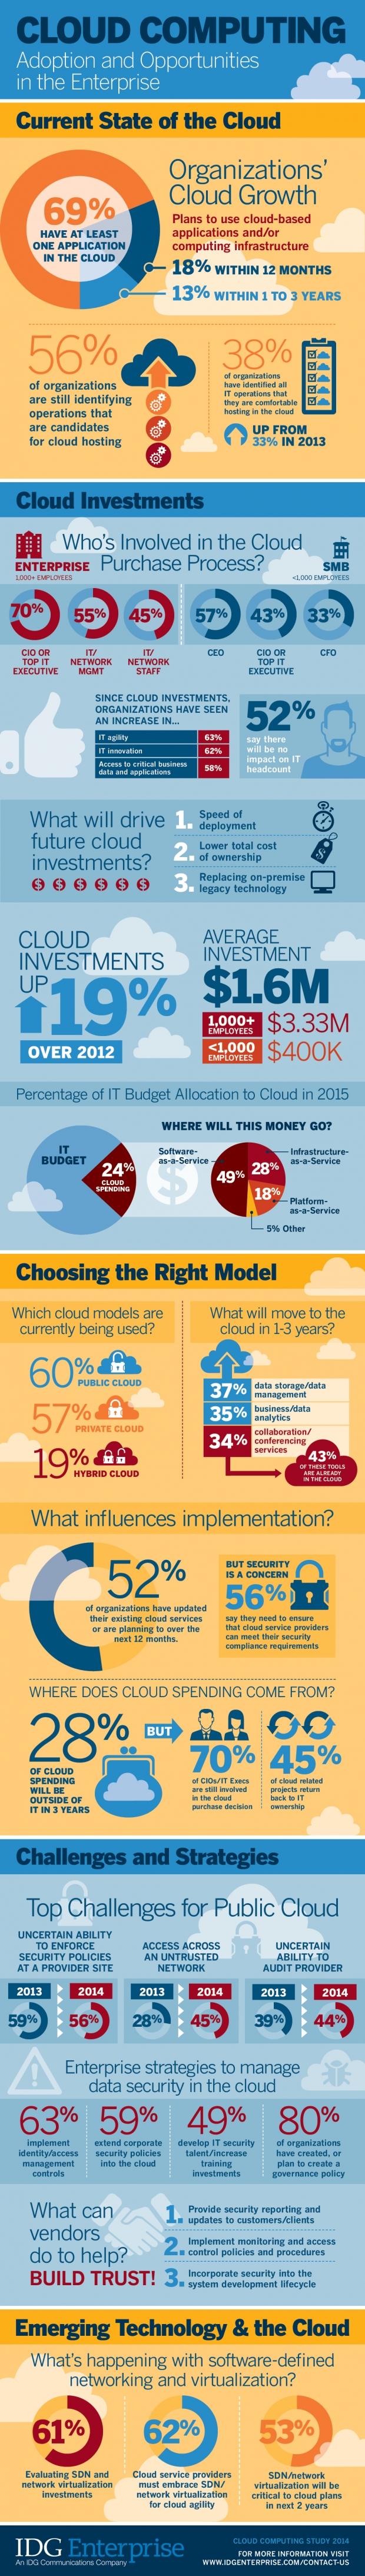 IDGE_cloud_infographic